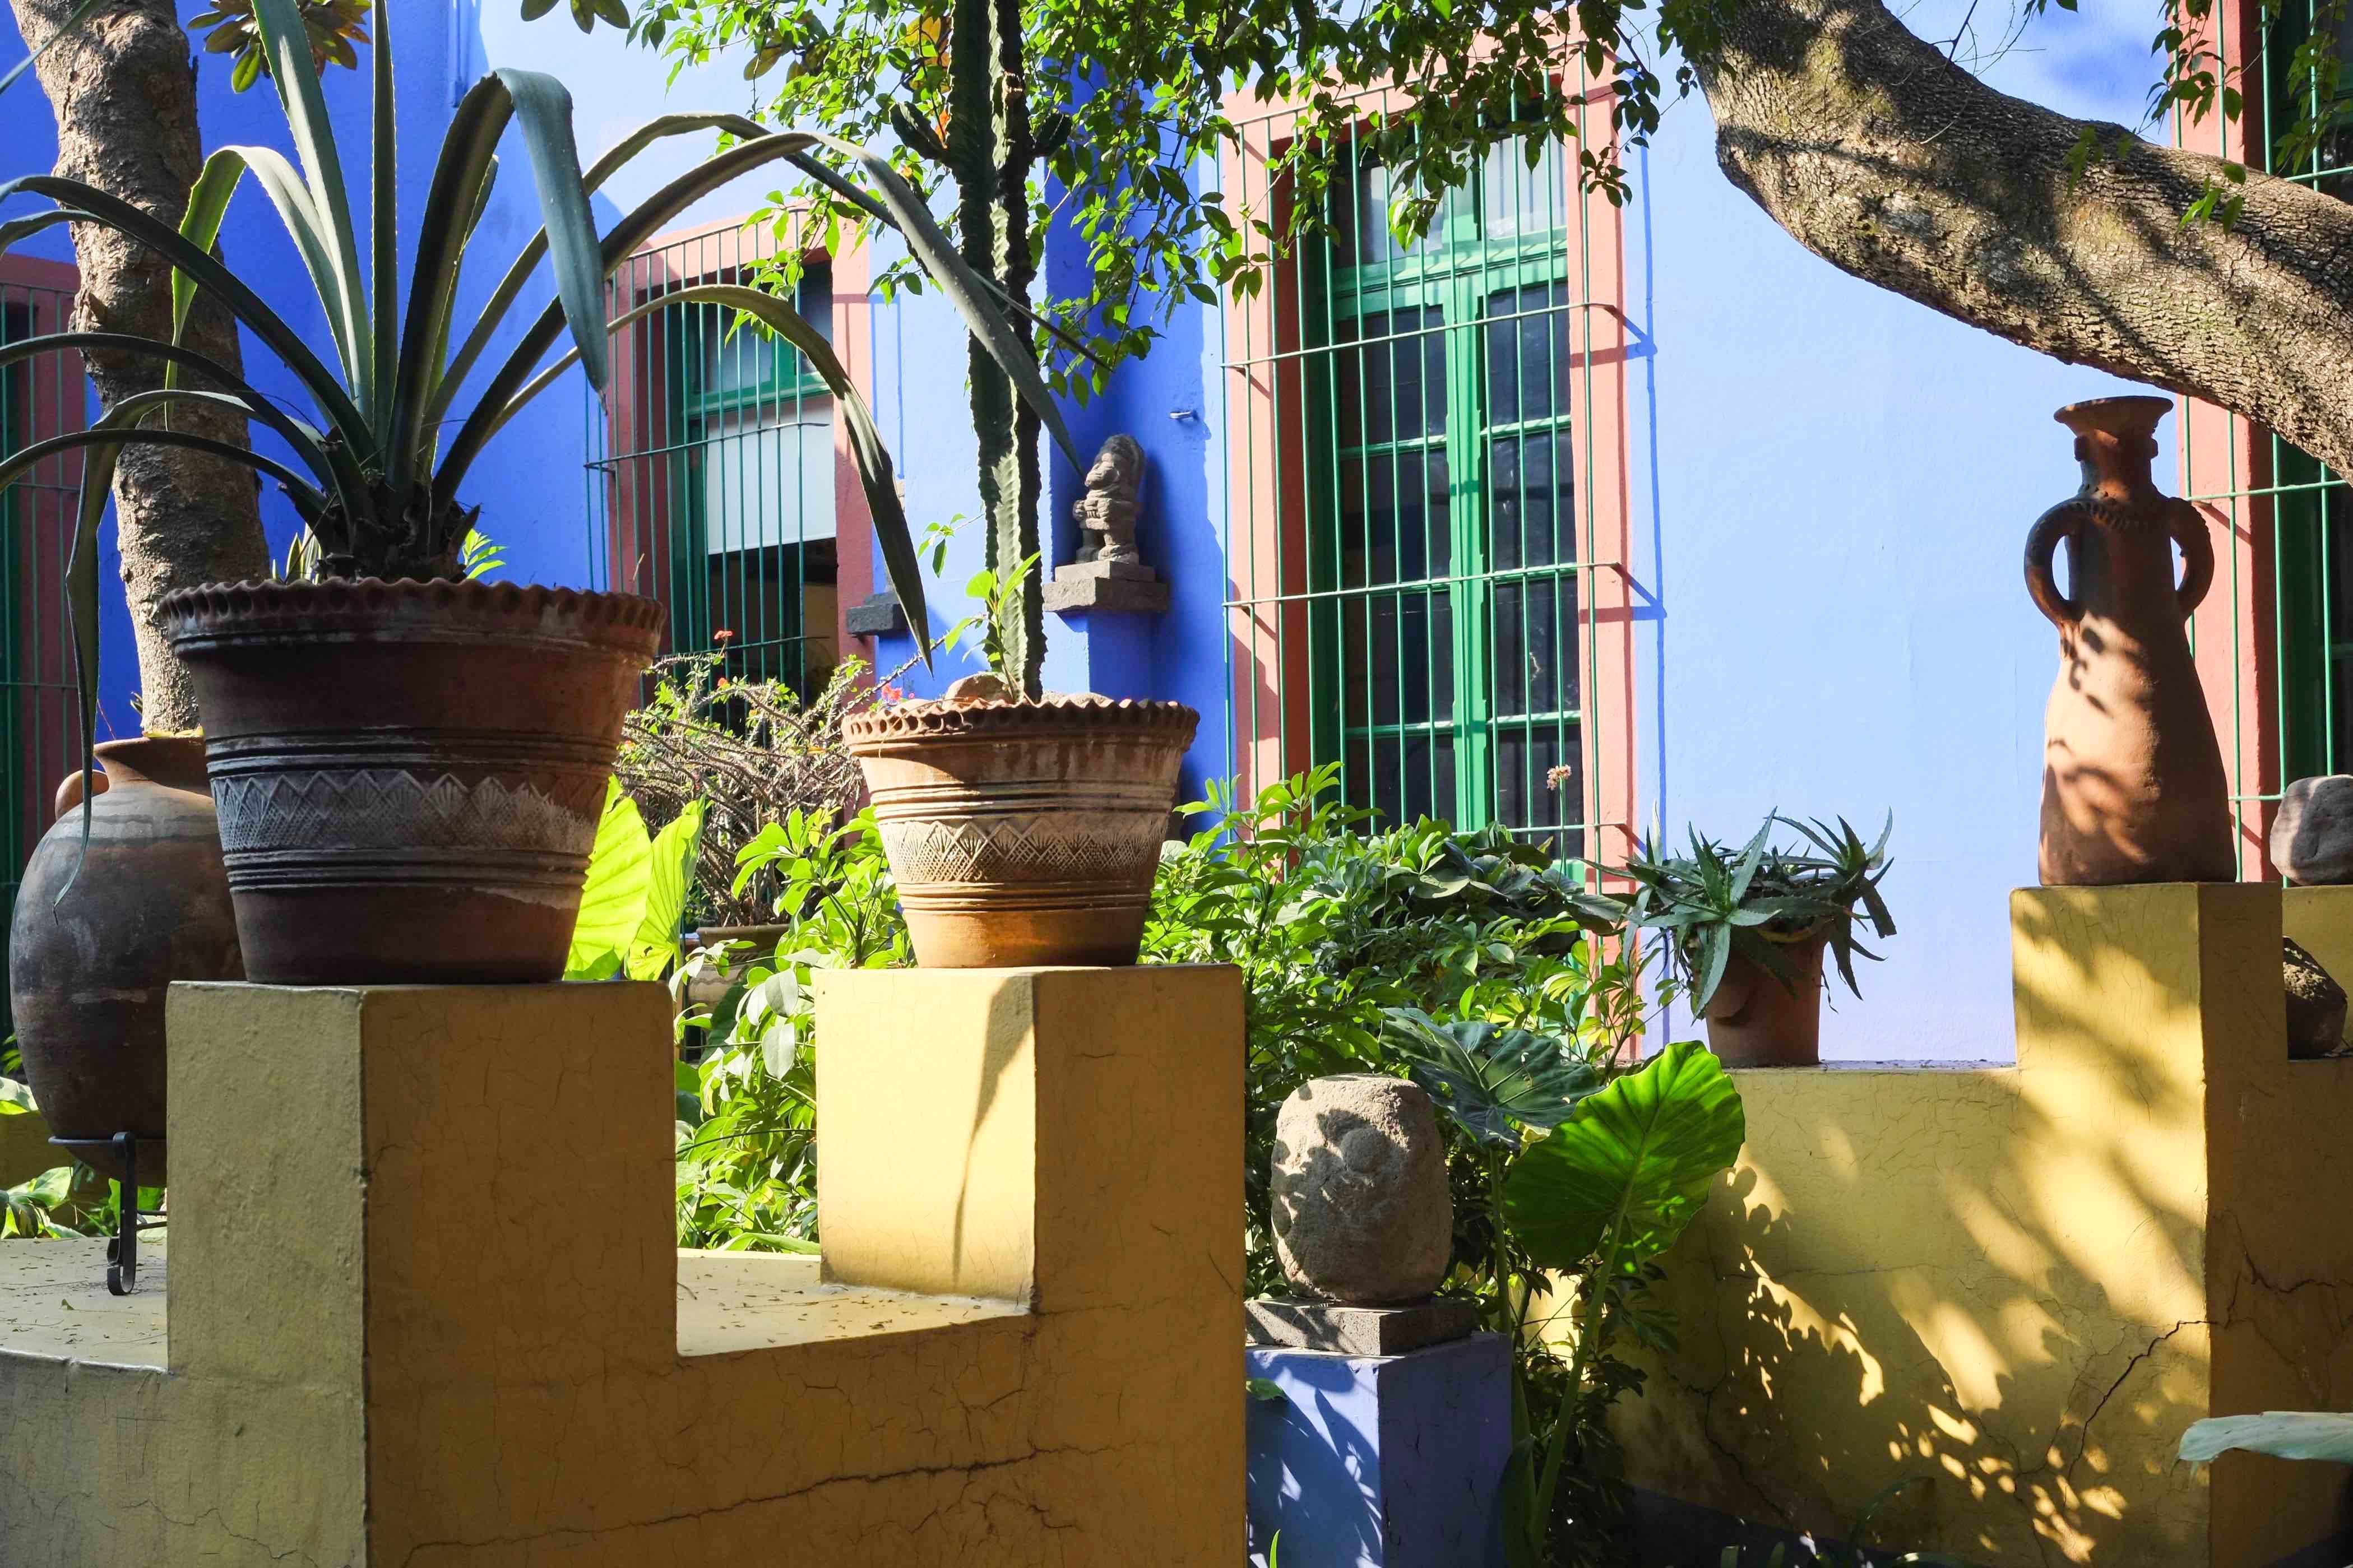 La_Casa_Azul_14_fot.anna_stec